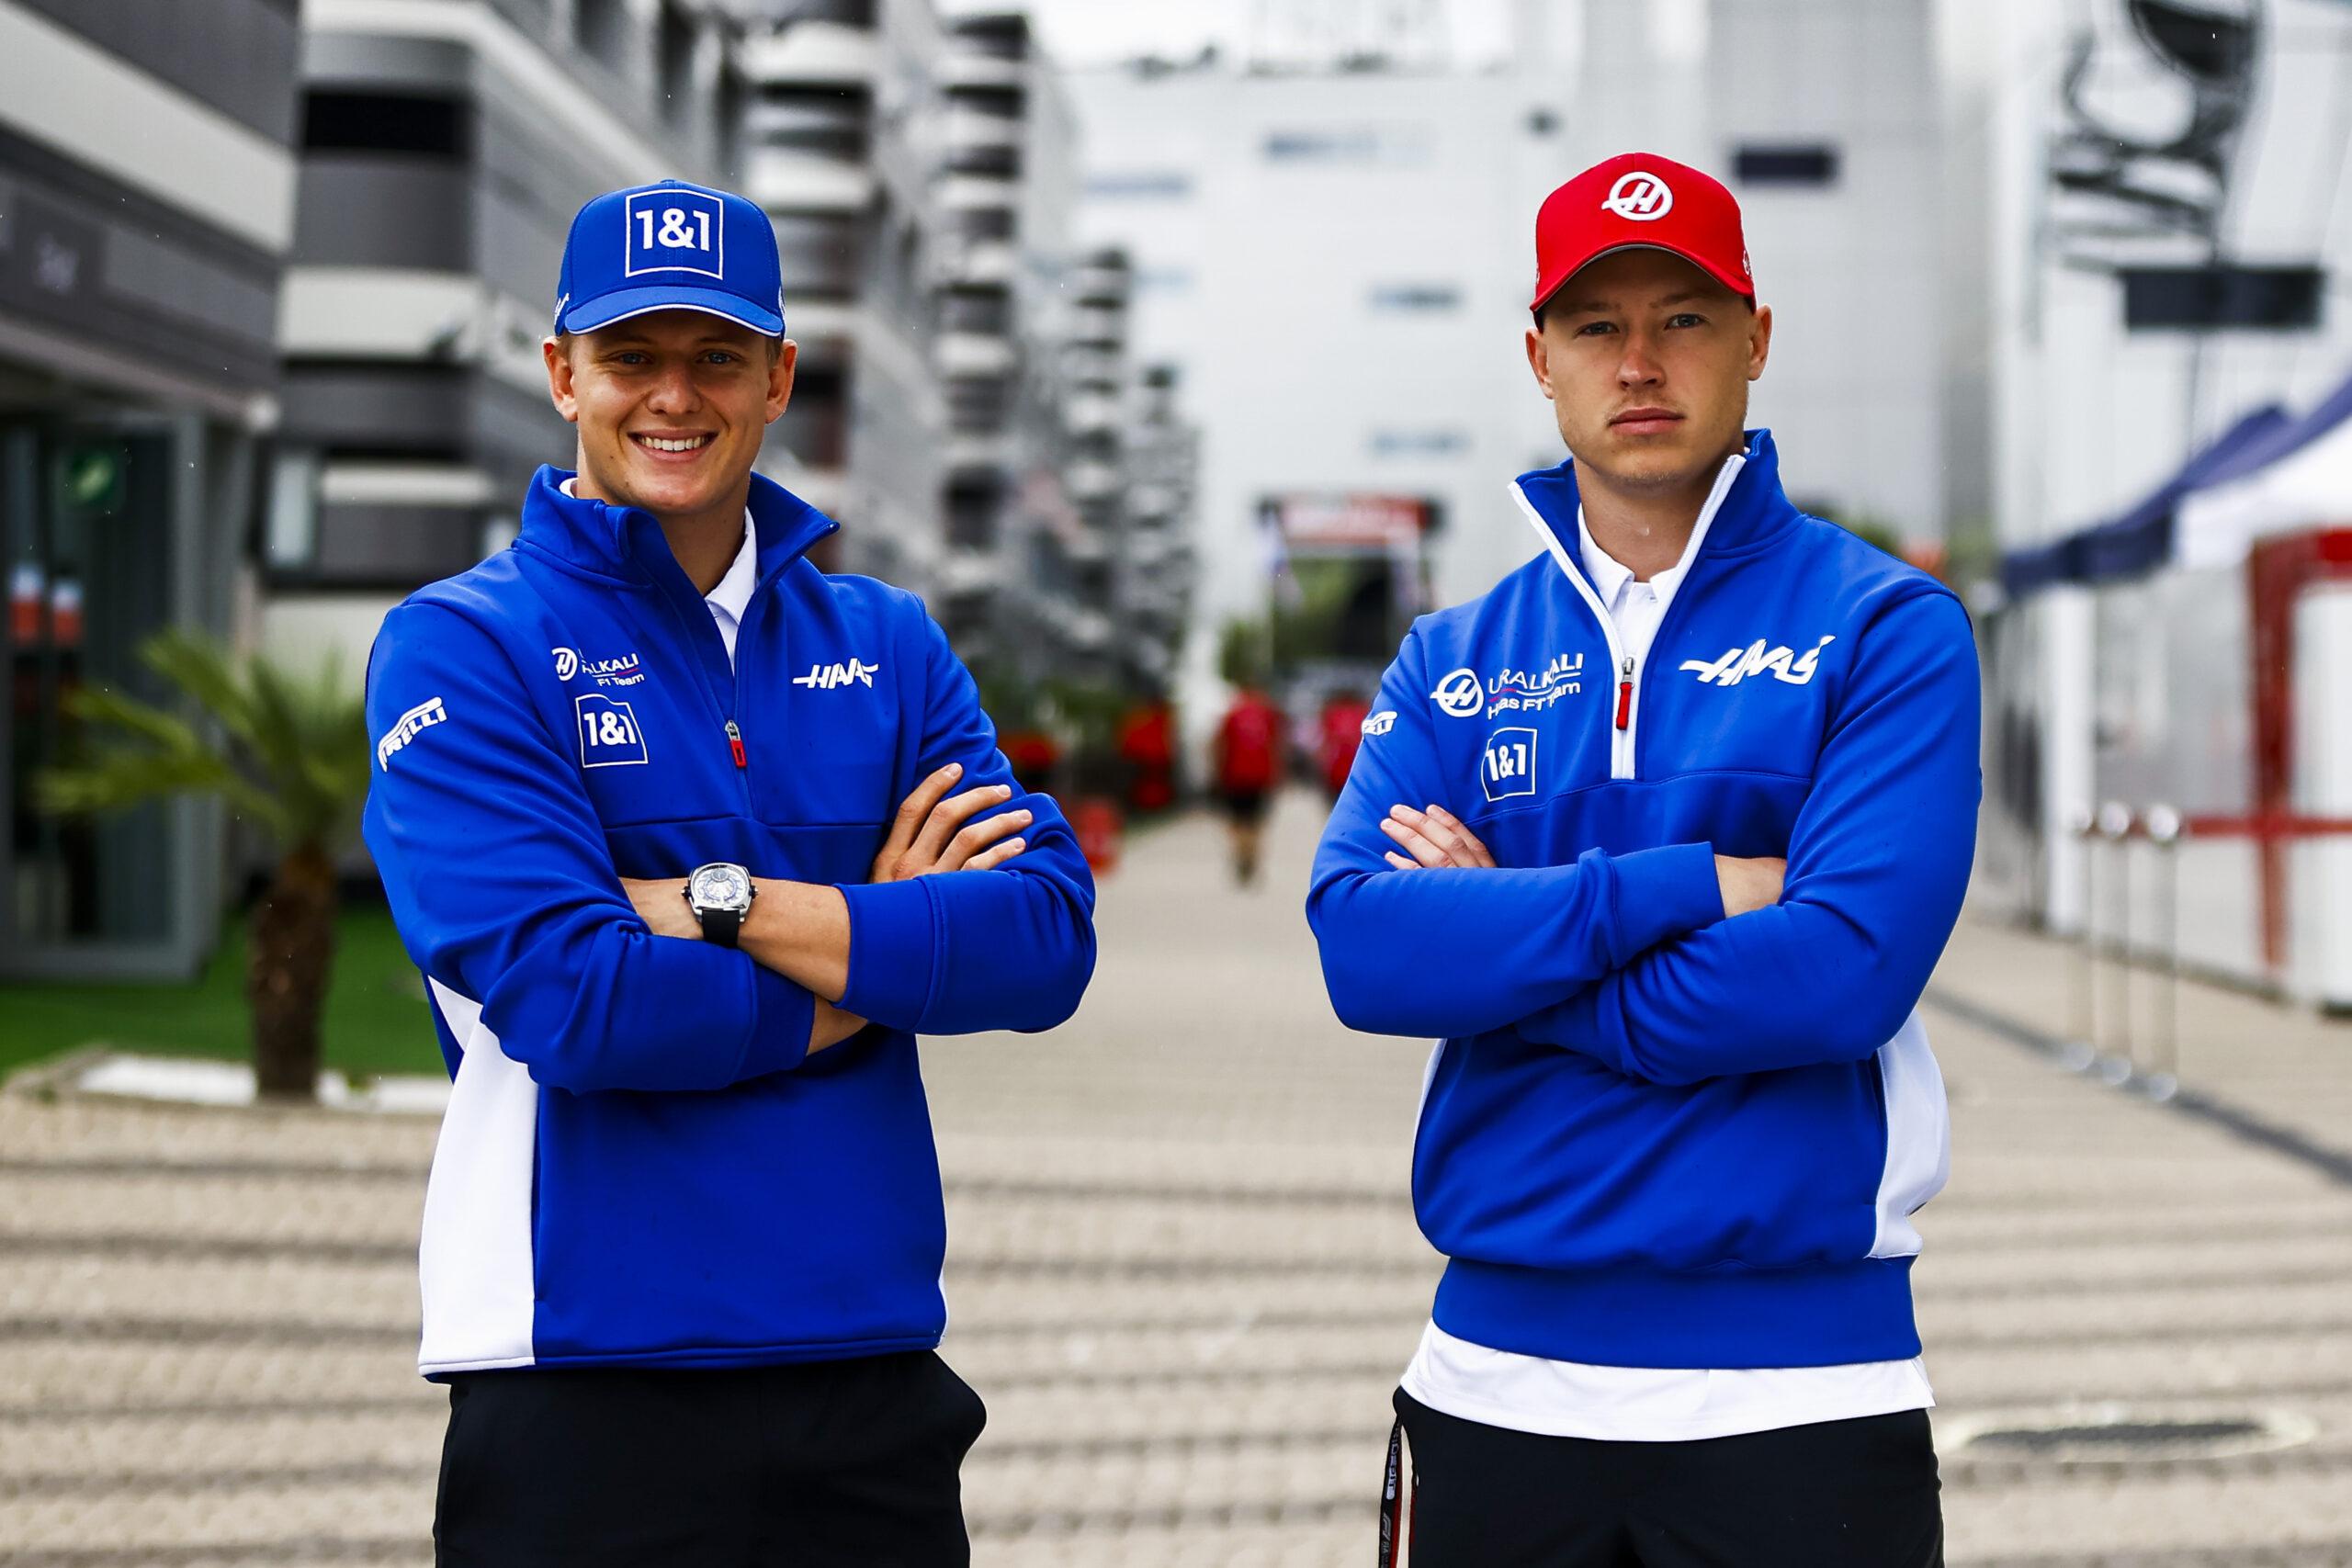 F1 - Officiel : Schumacher et Mazepin confirmés chez Haas pour 2022